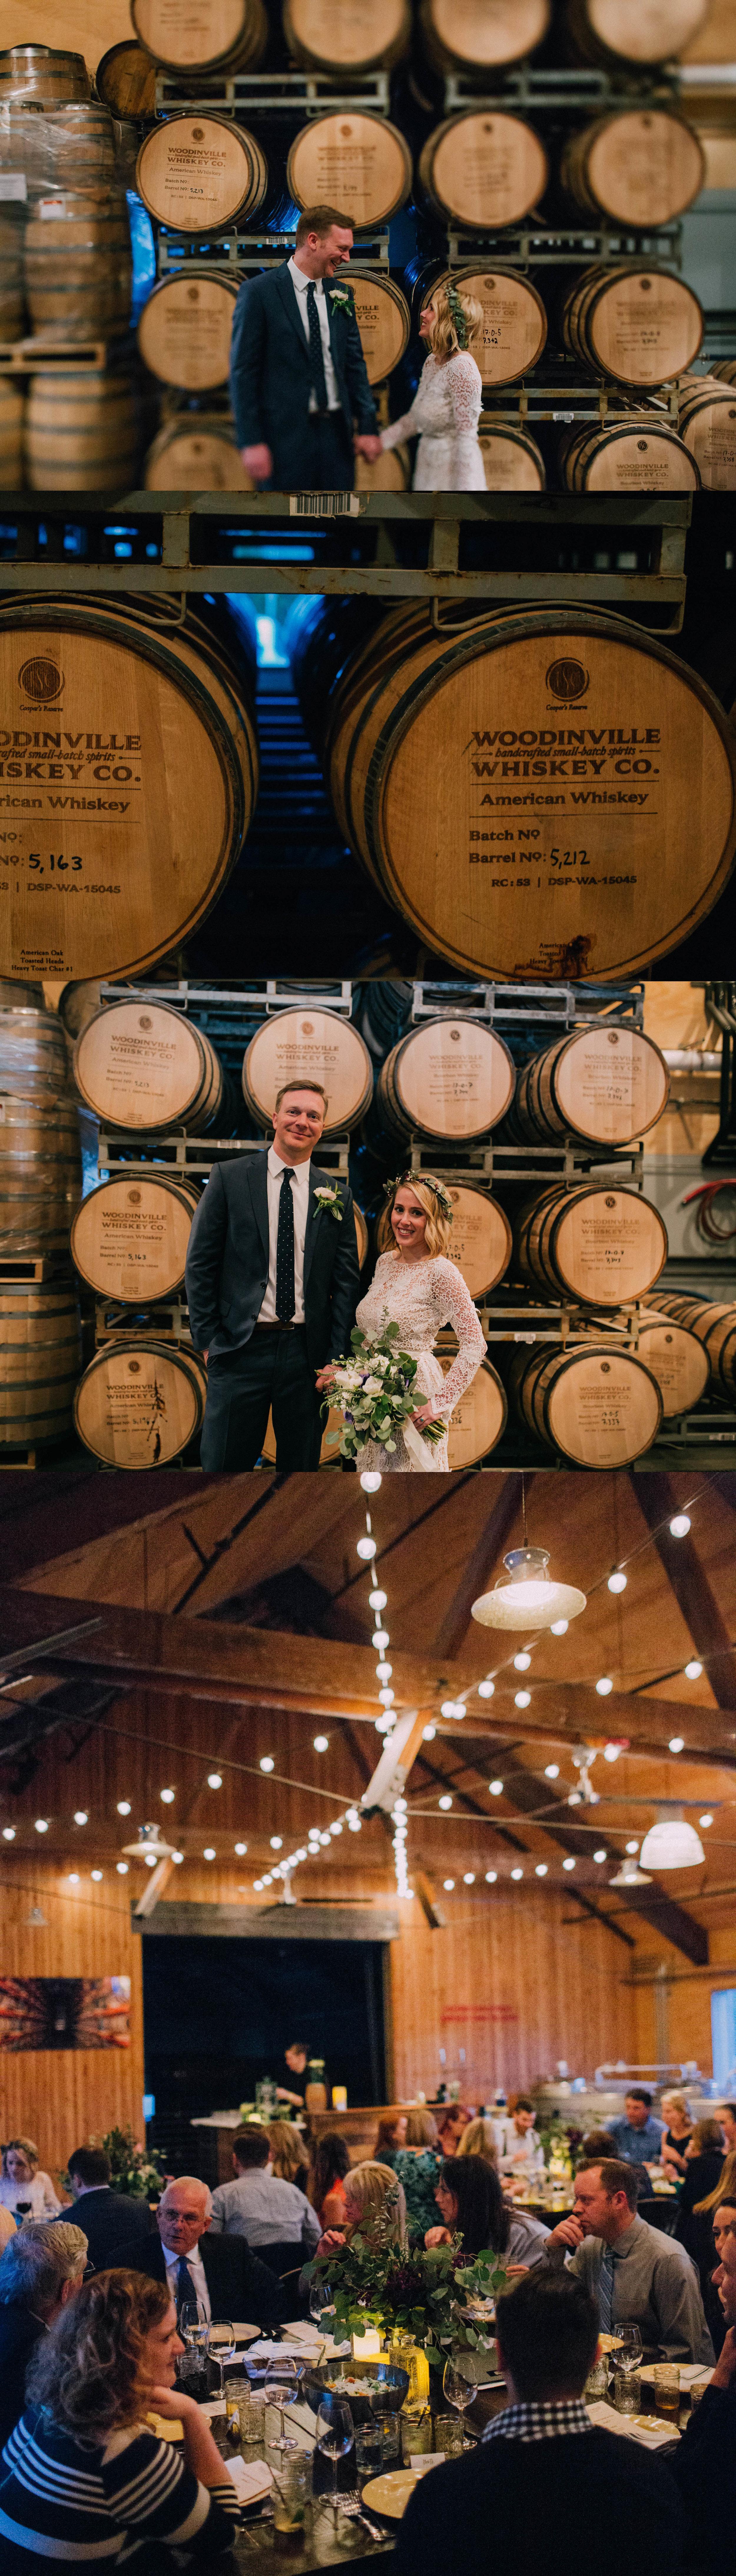 woodinville whiskey company wedding seattle wedding photographer washington-34.jpg